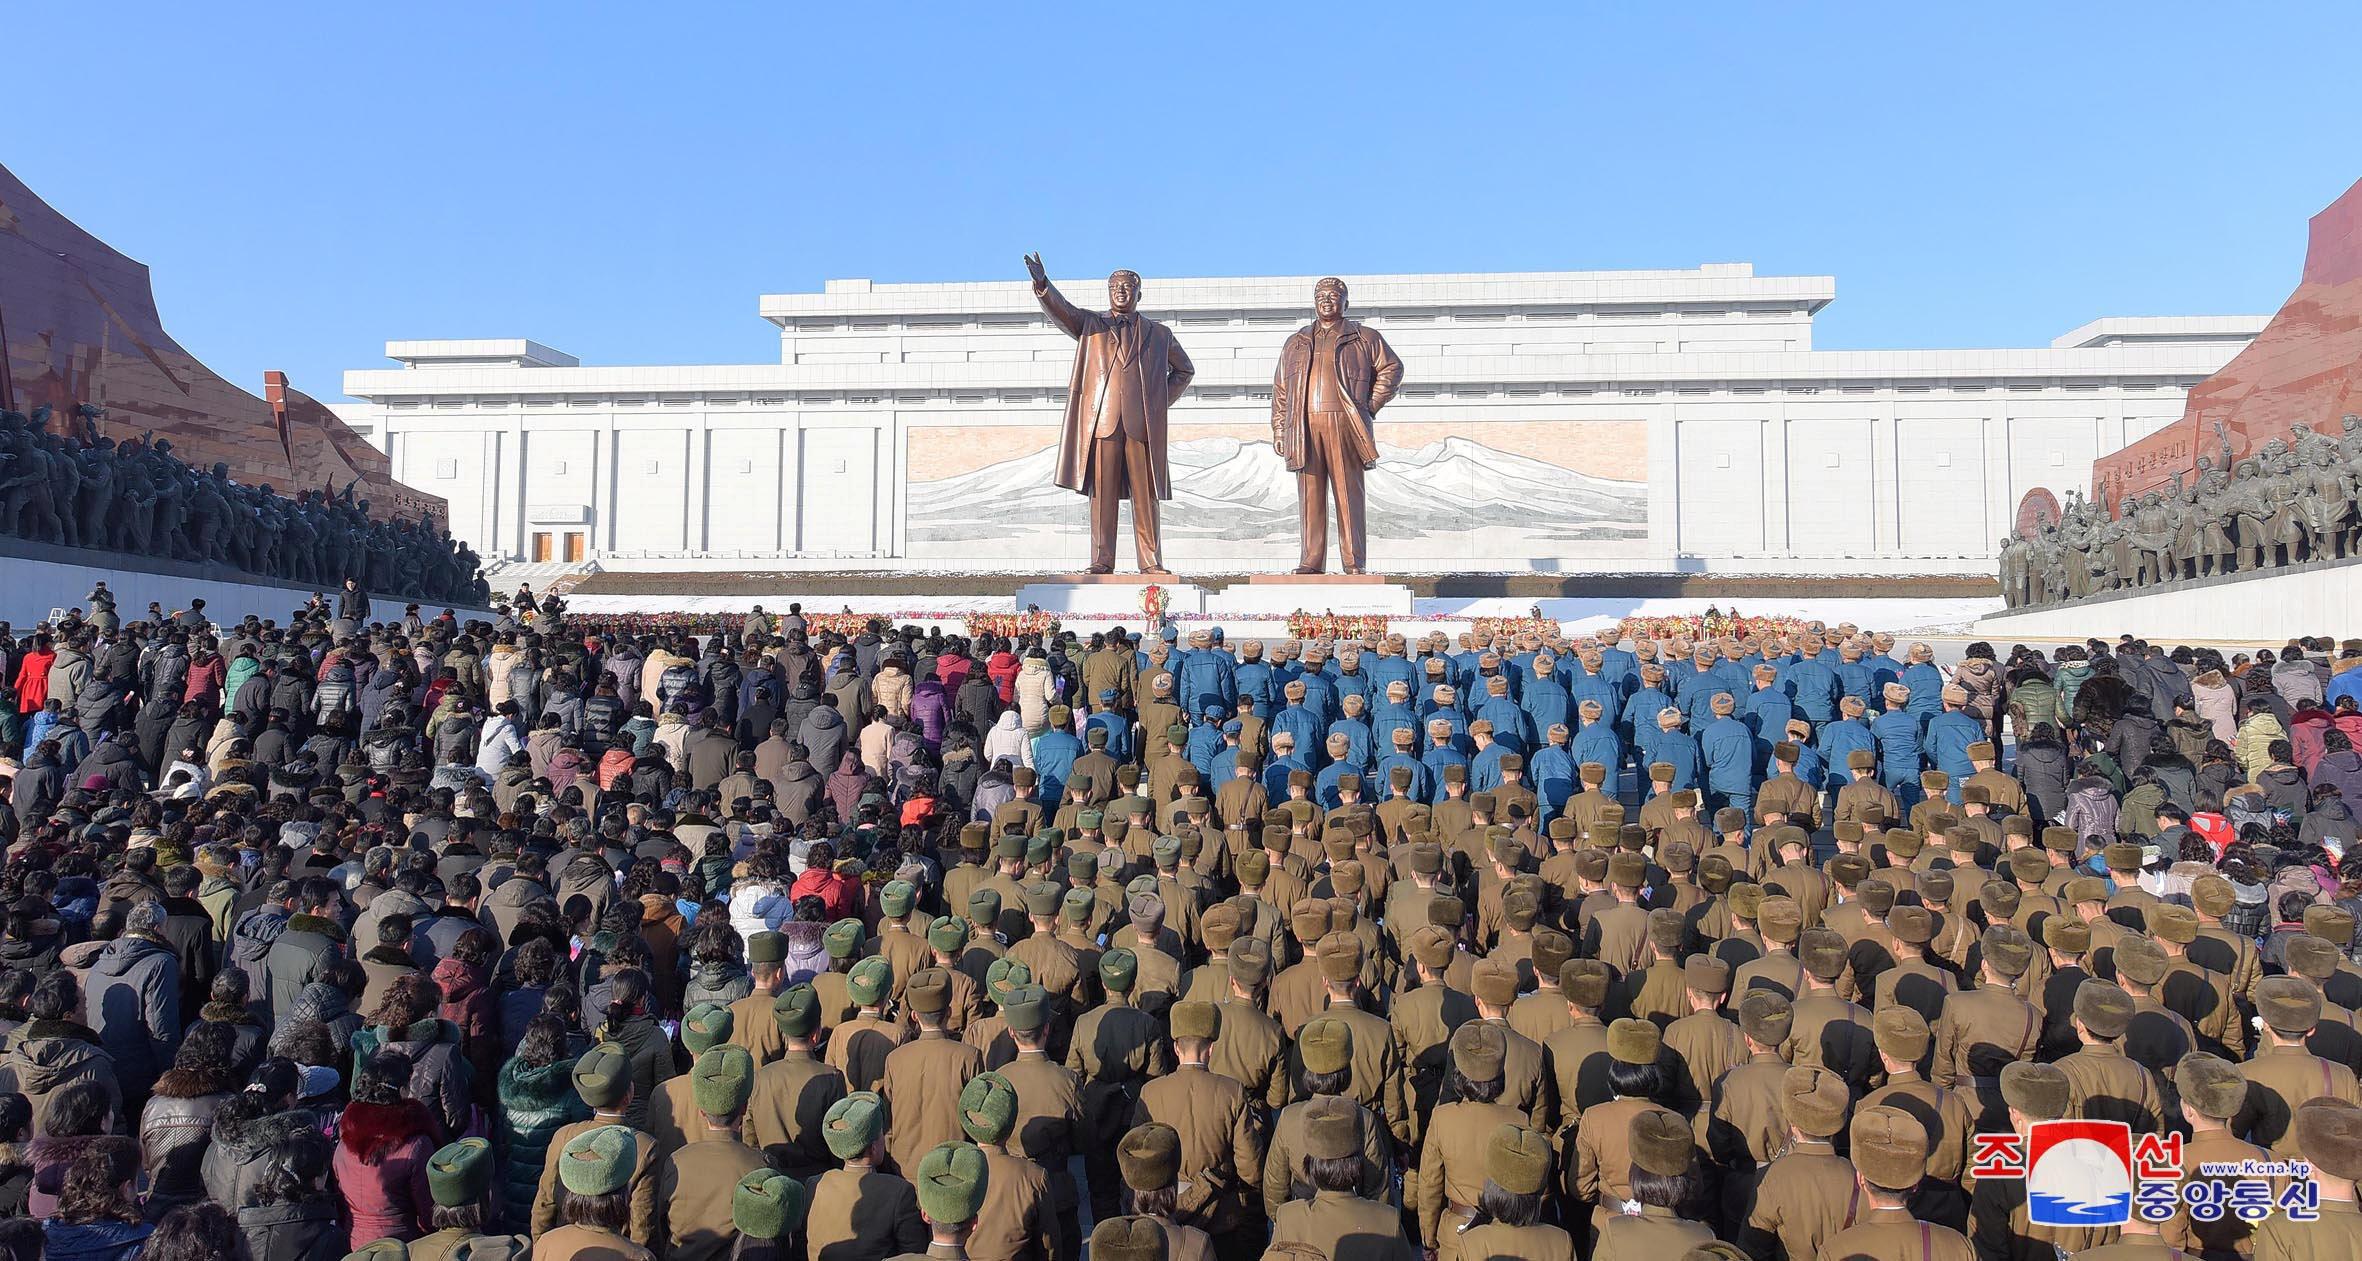 Người Bắc Triều Tiên đến viếng tượng của Kim Nhật Thành và Kim Jong Il tại Bình Nhưỡng, nhân ngày giỗ thứ 6 của Kim Jong Il 17/12/2017. Ảnh do hãng thông tấn Bắc Triều Tiên KCNA cung cấp..